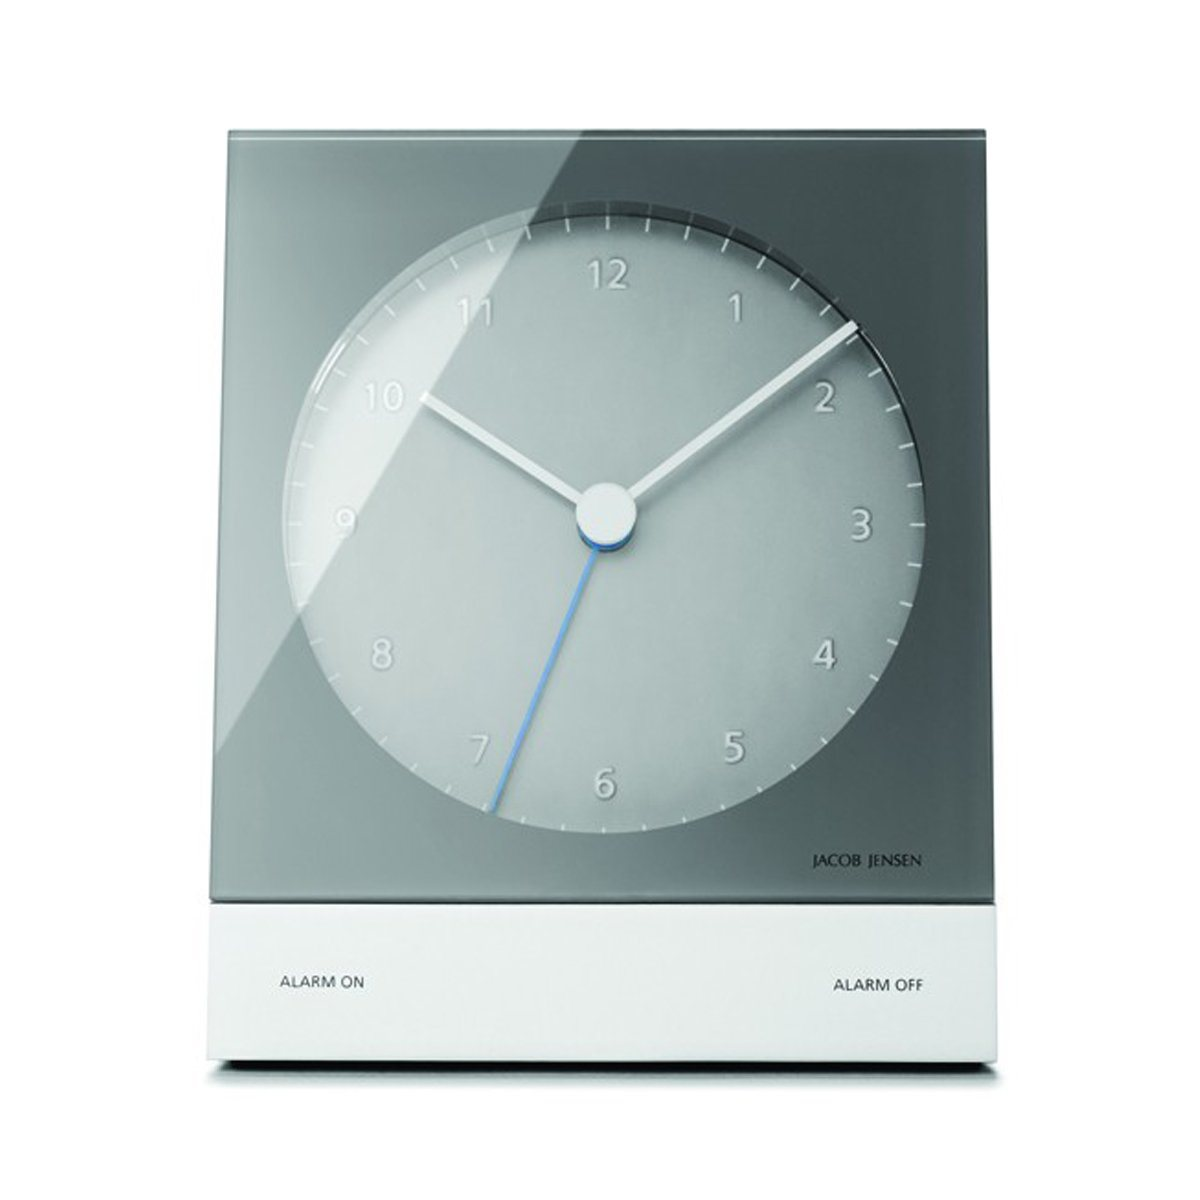 Jacob Jensen Jacob Jensen analog Funkwecker, grau | Dekoration > Uhren > Wecker | Grau - Blau | Abs | Jacob Jensen